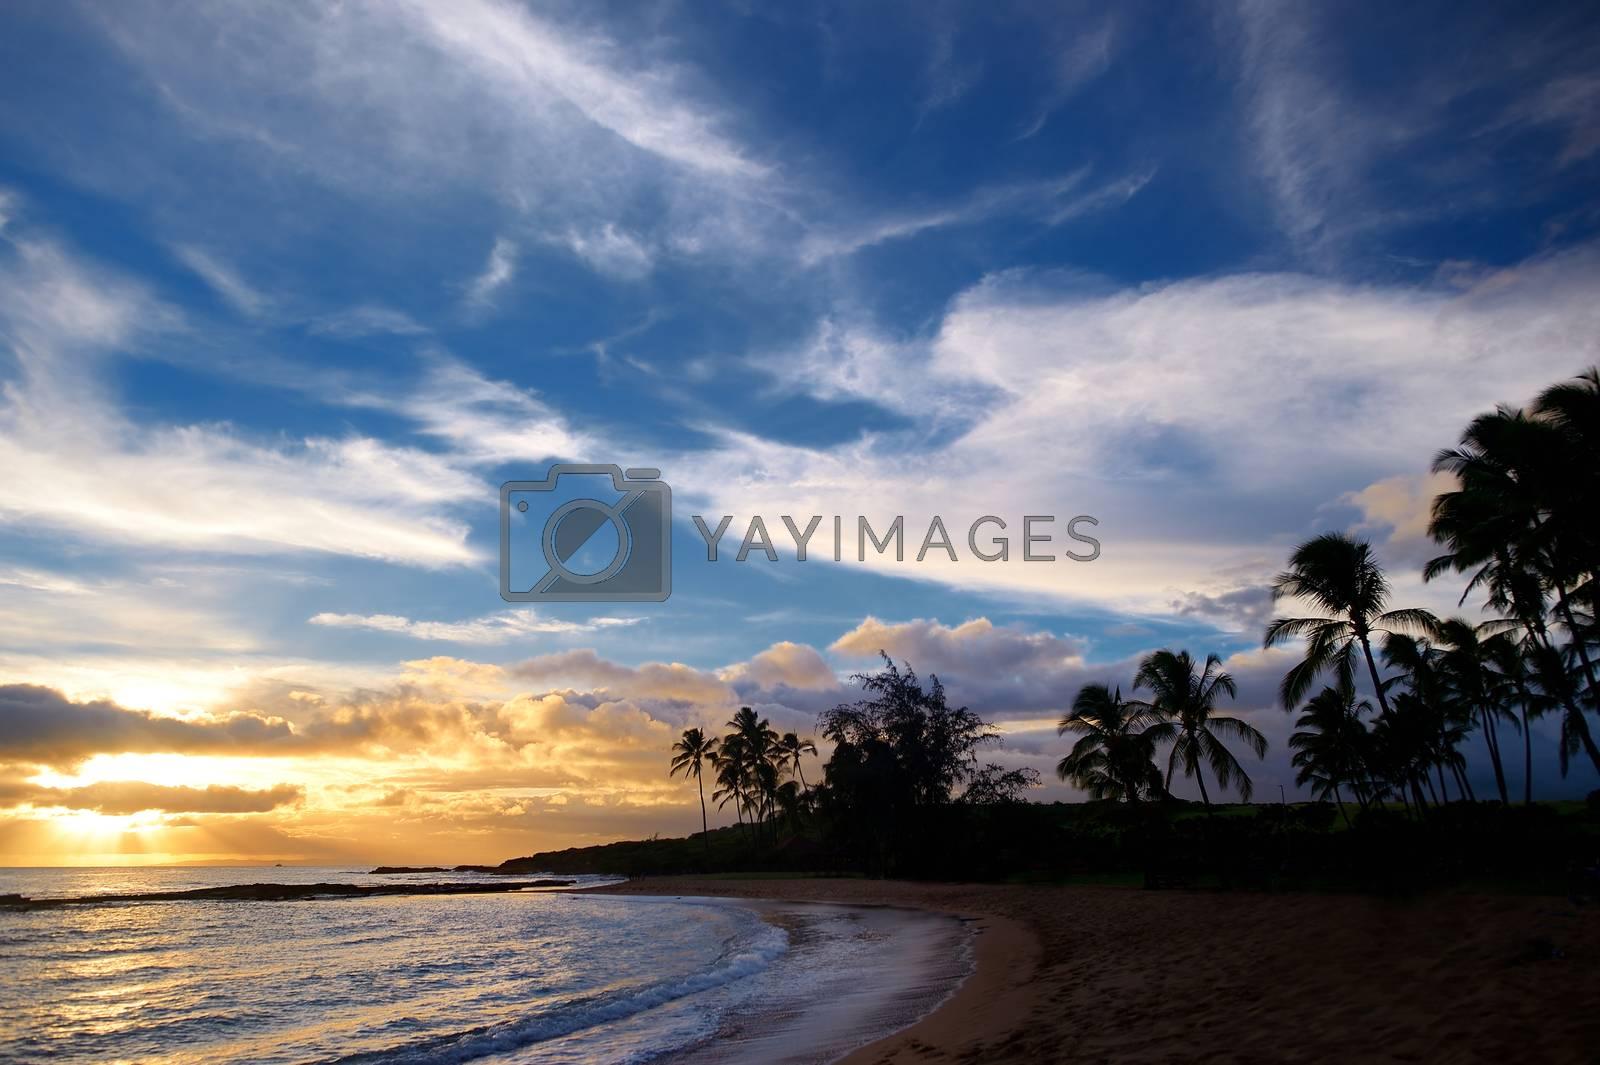 Sunrise with palm trees in Salt Pond Beach Park on Kauai, Hawaii